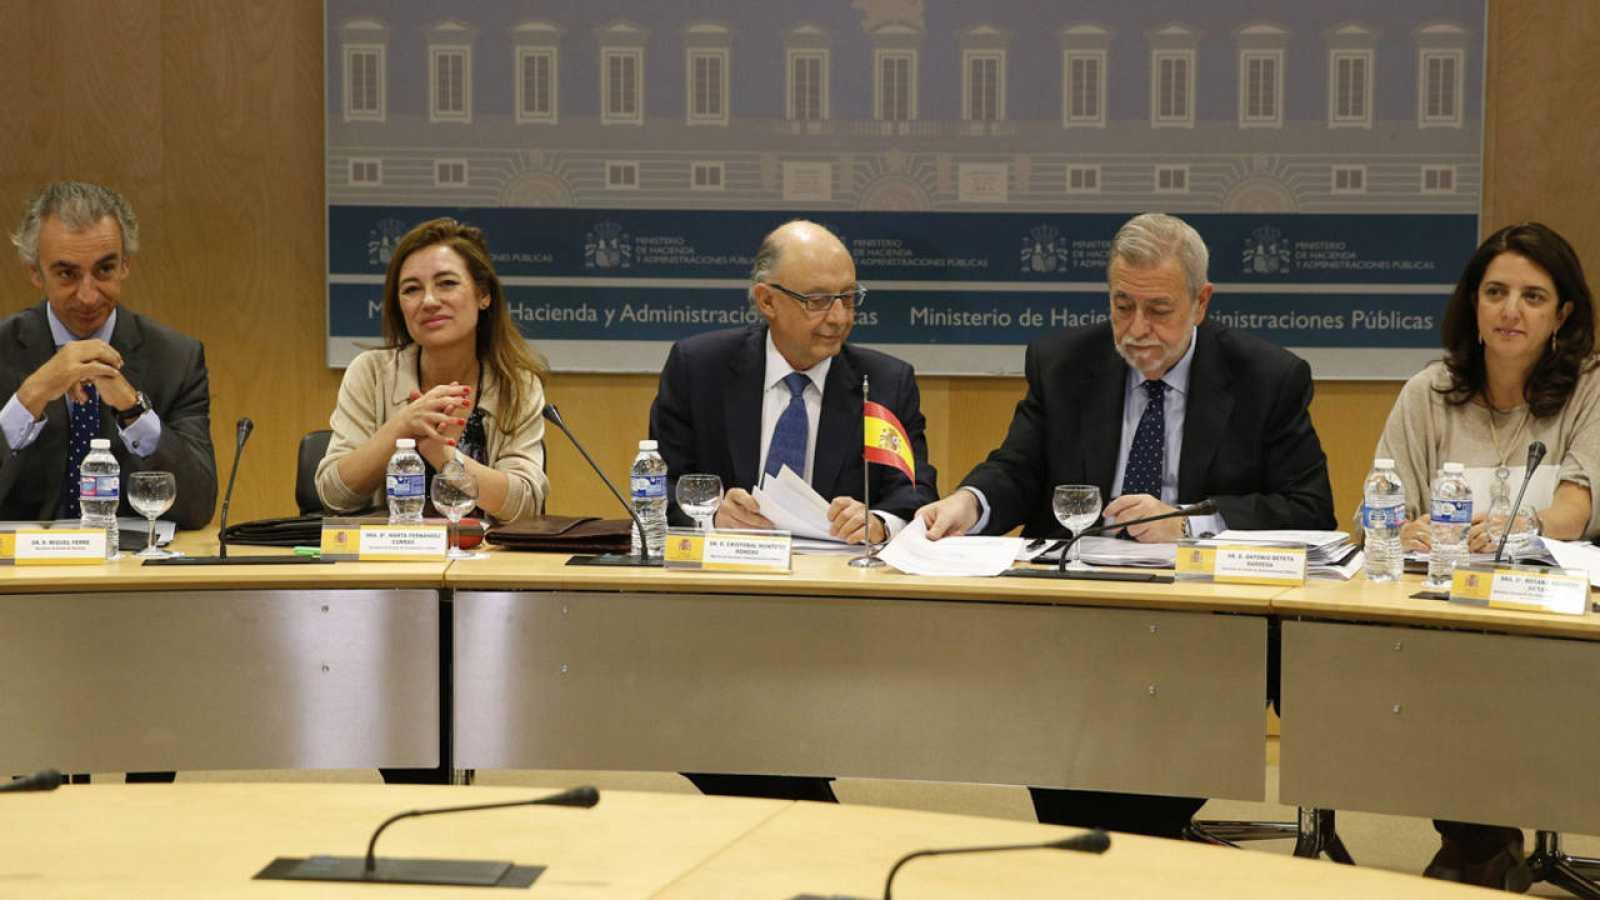 El Ministro de Hacienda, Cristóbal Montoro, durante el CPFF del pasado 8 de julio